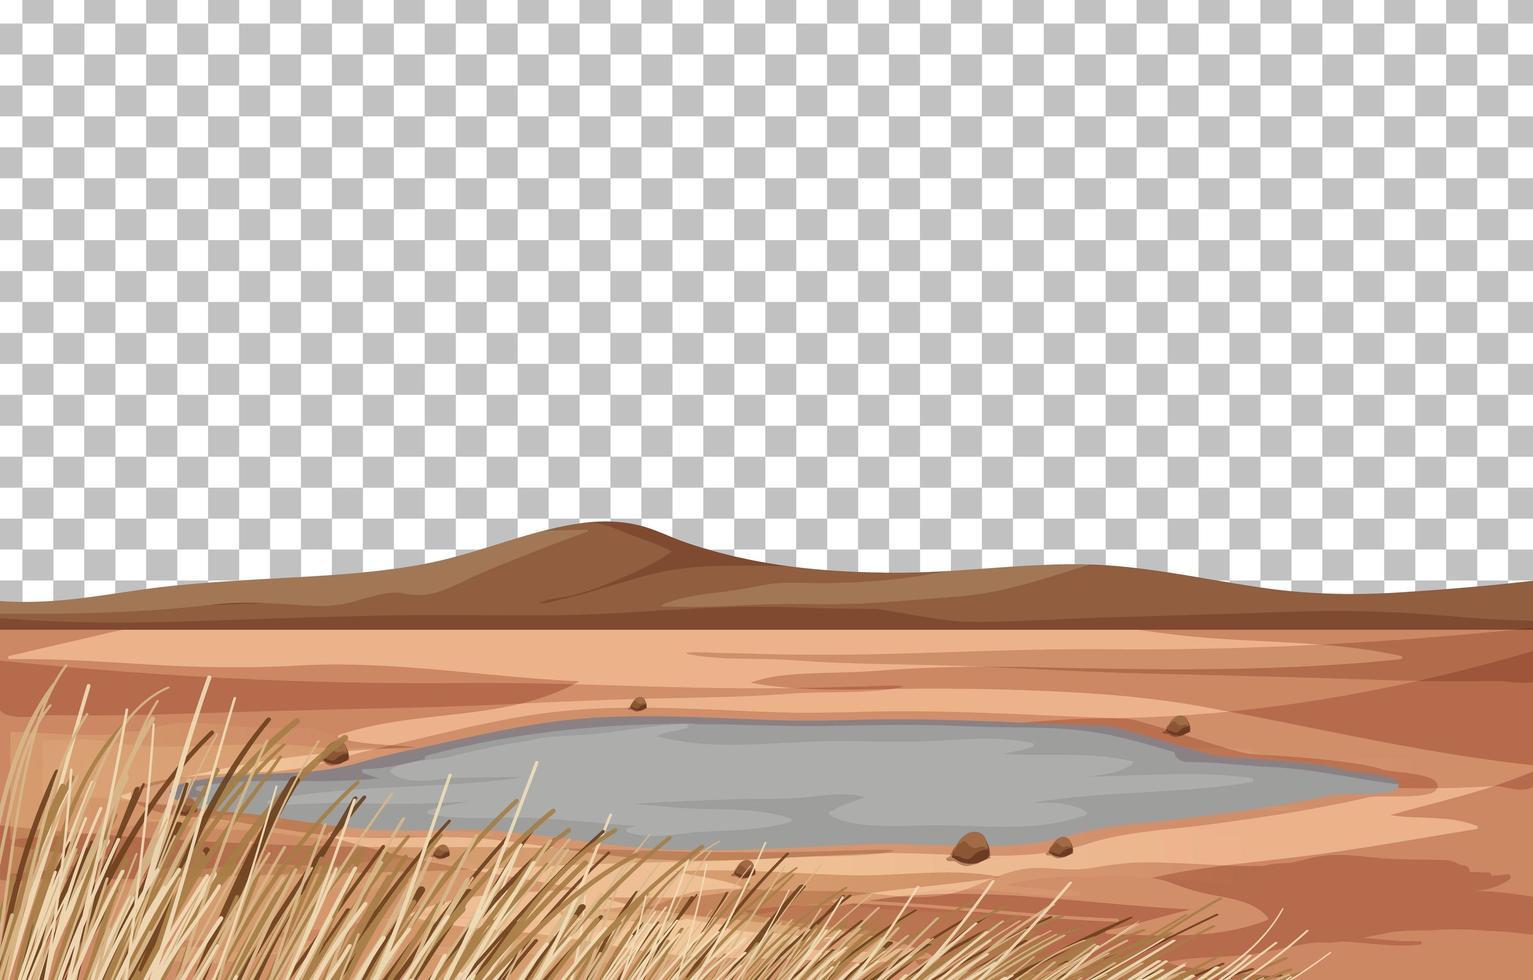 Trockenland Landschaftsszene vektor